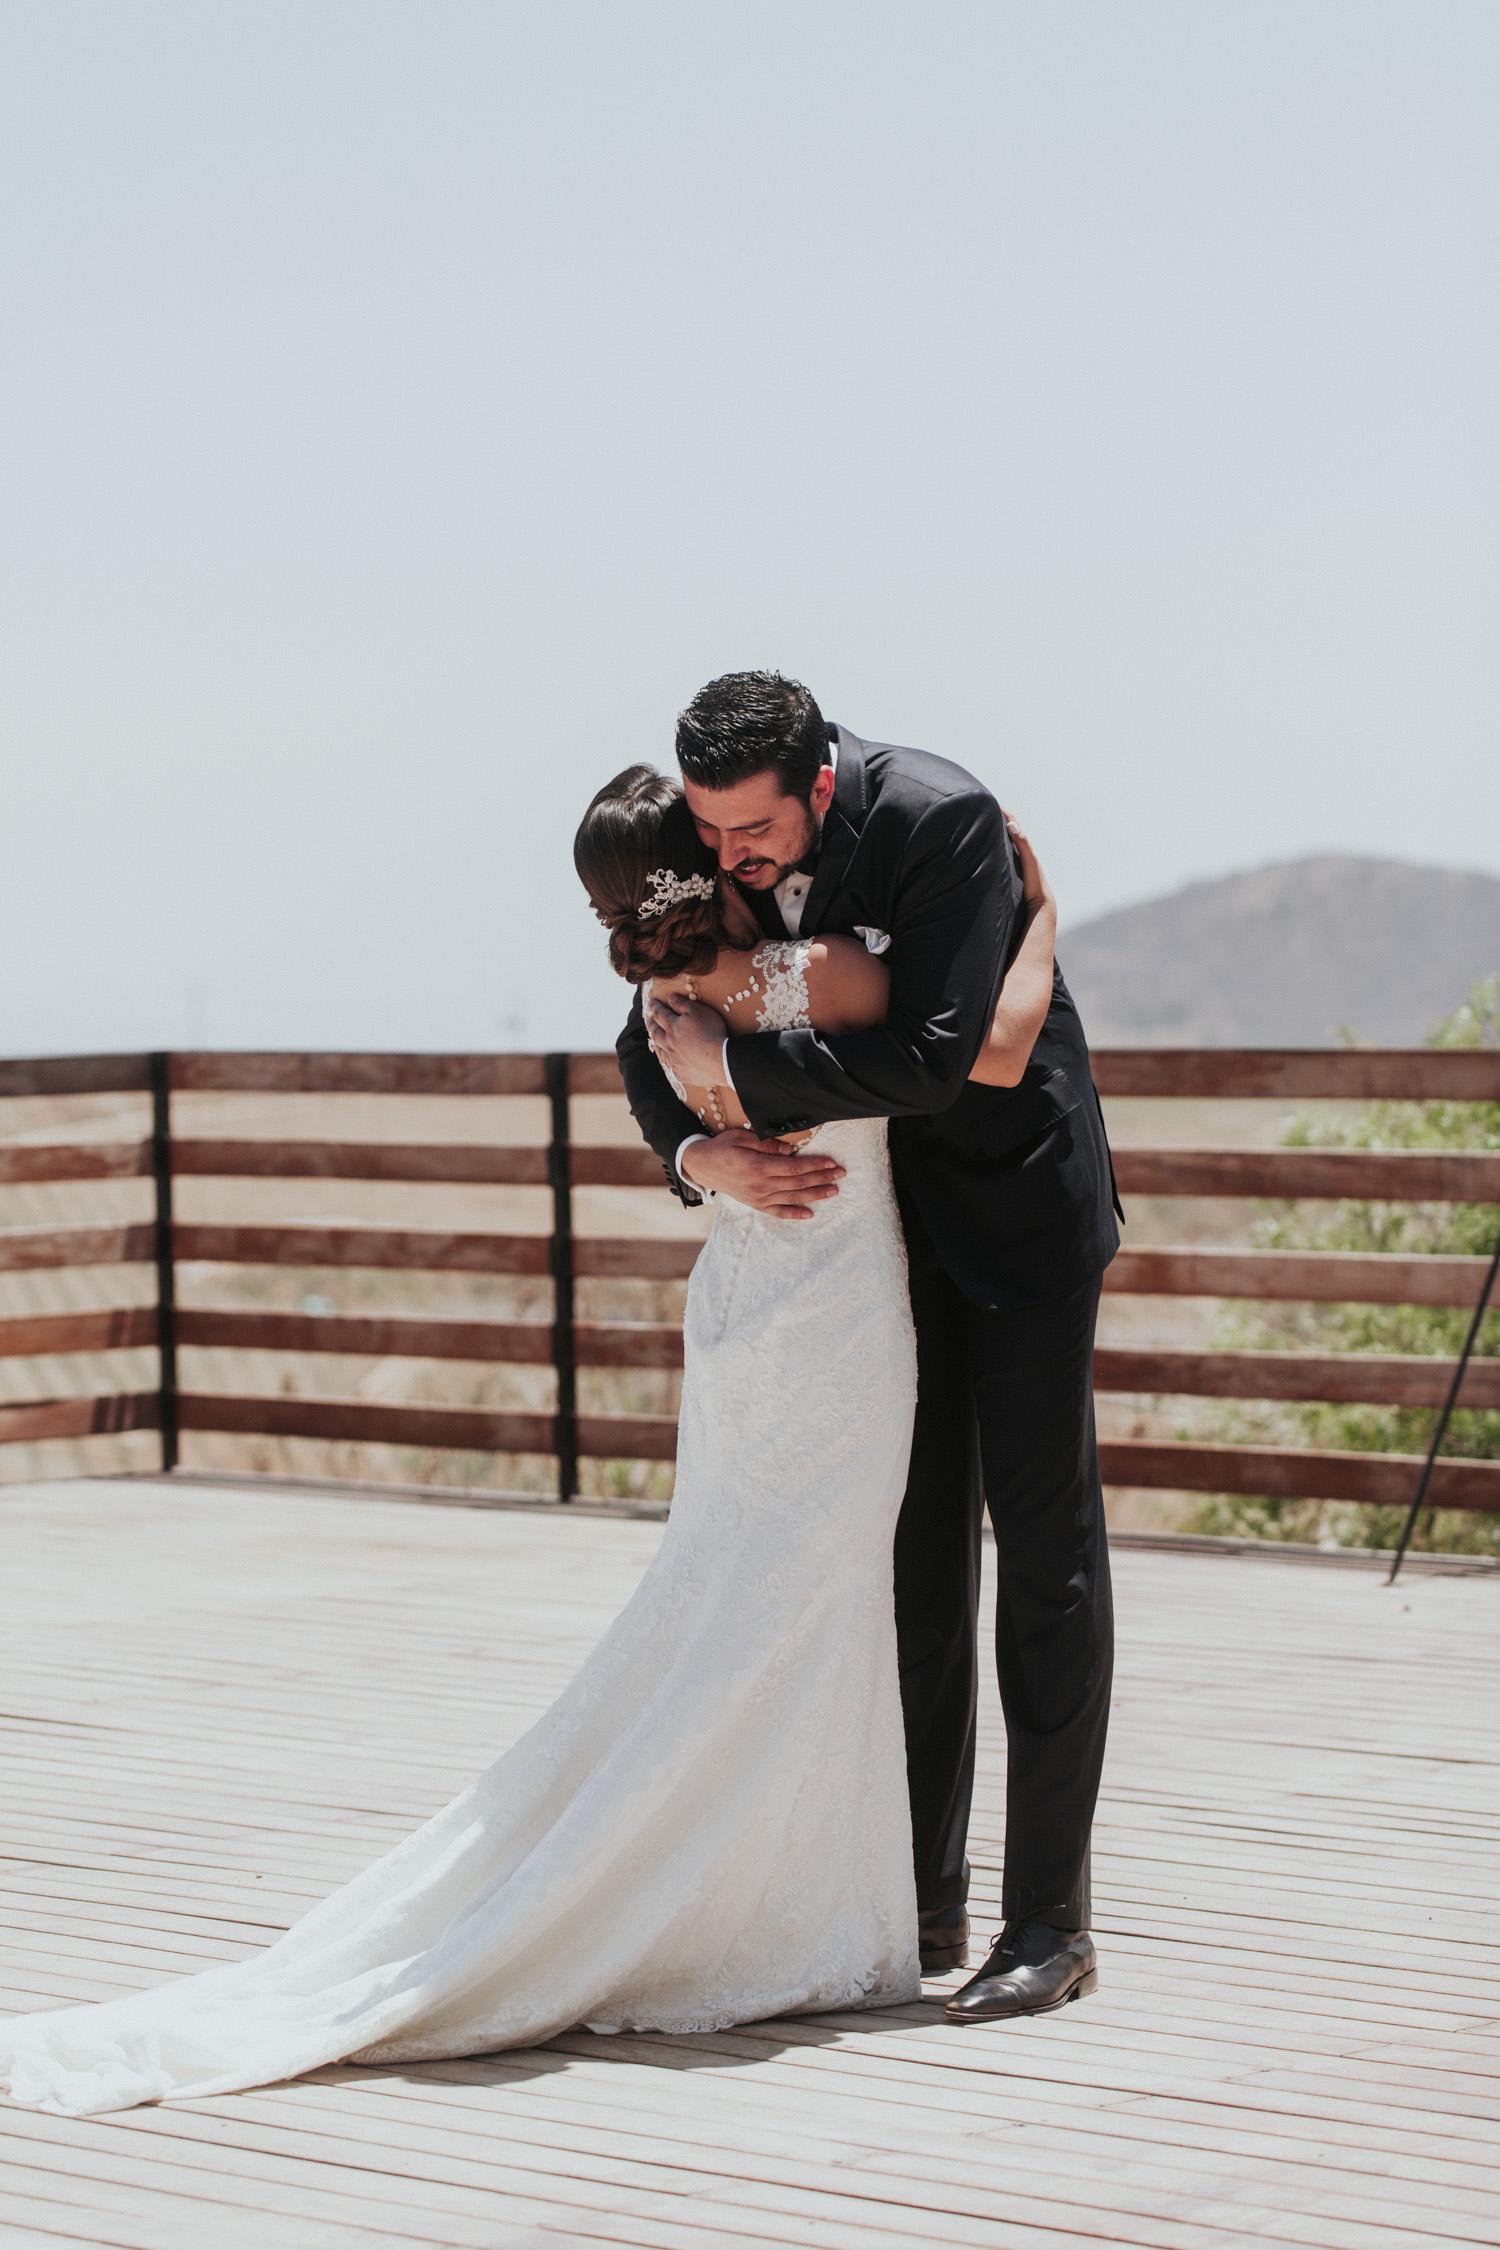 Boda-Guanajuato-Camino-de-Vinos-San-Miguel-Allende-Wedding-Fotografia-Paulina-Mauricio-Pierce0016.JPG